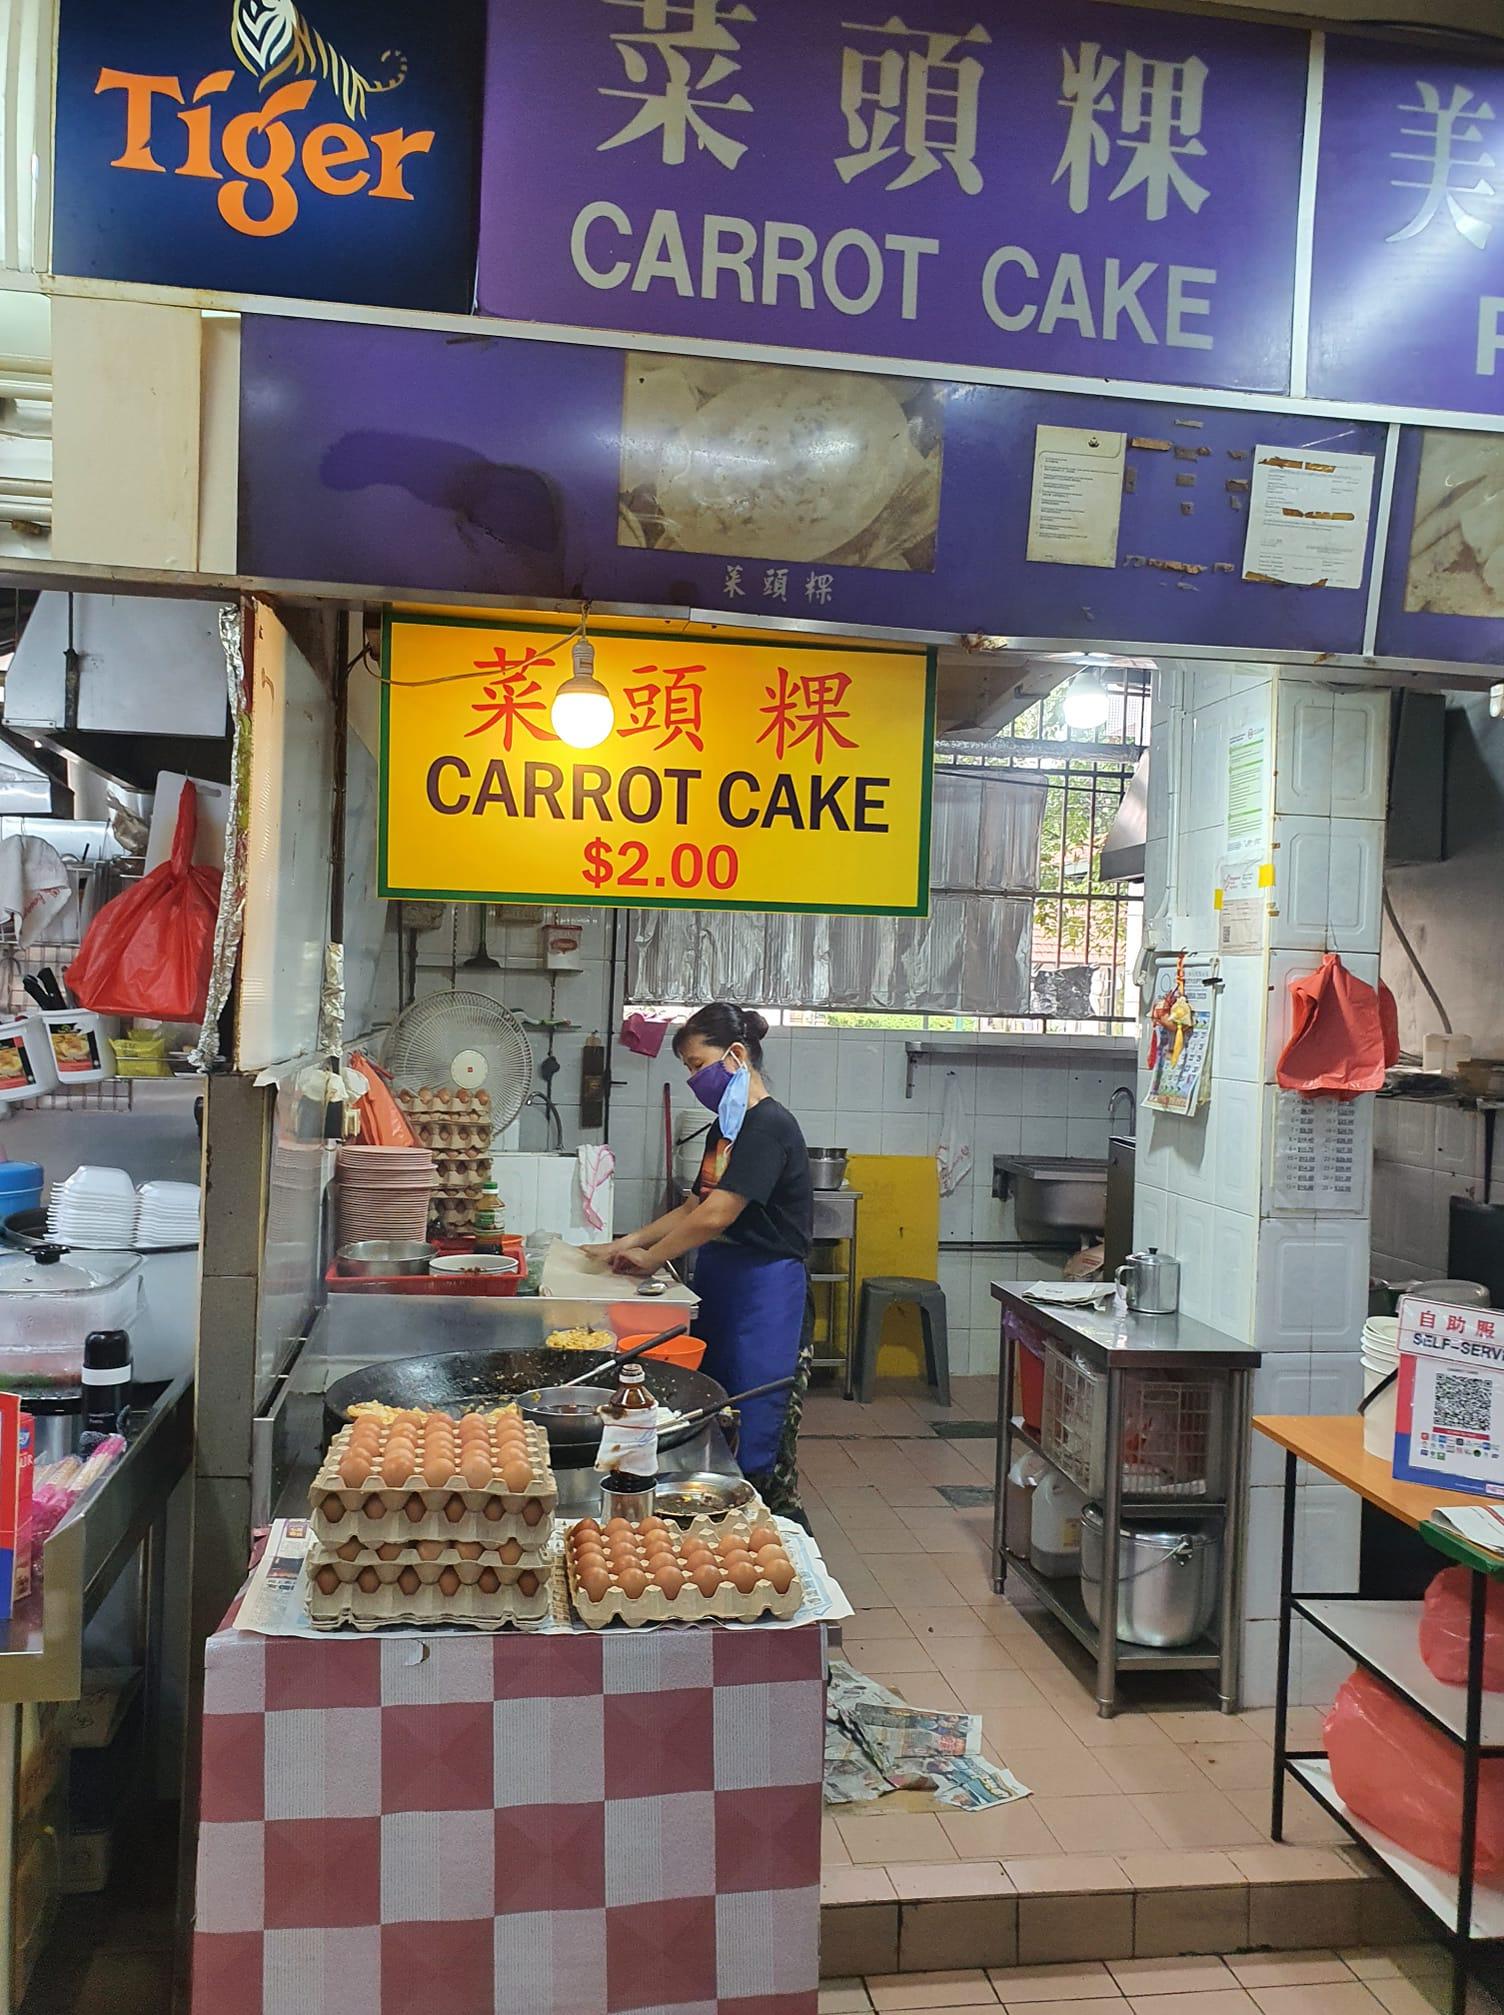 blk 133 ang mo kio carrot cake